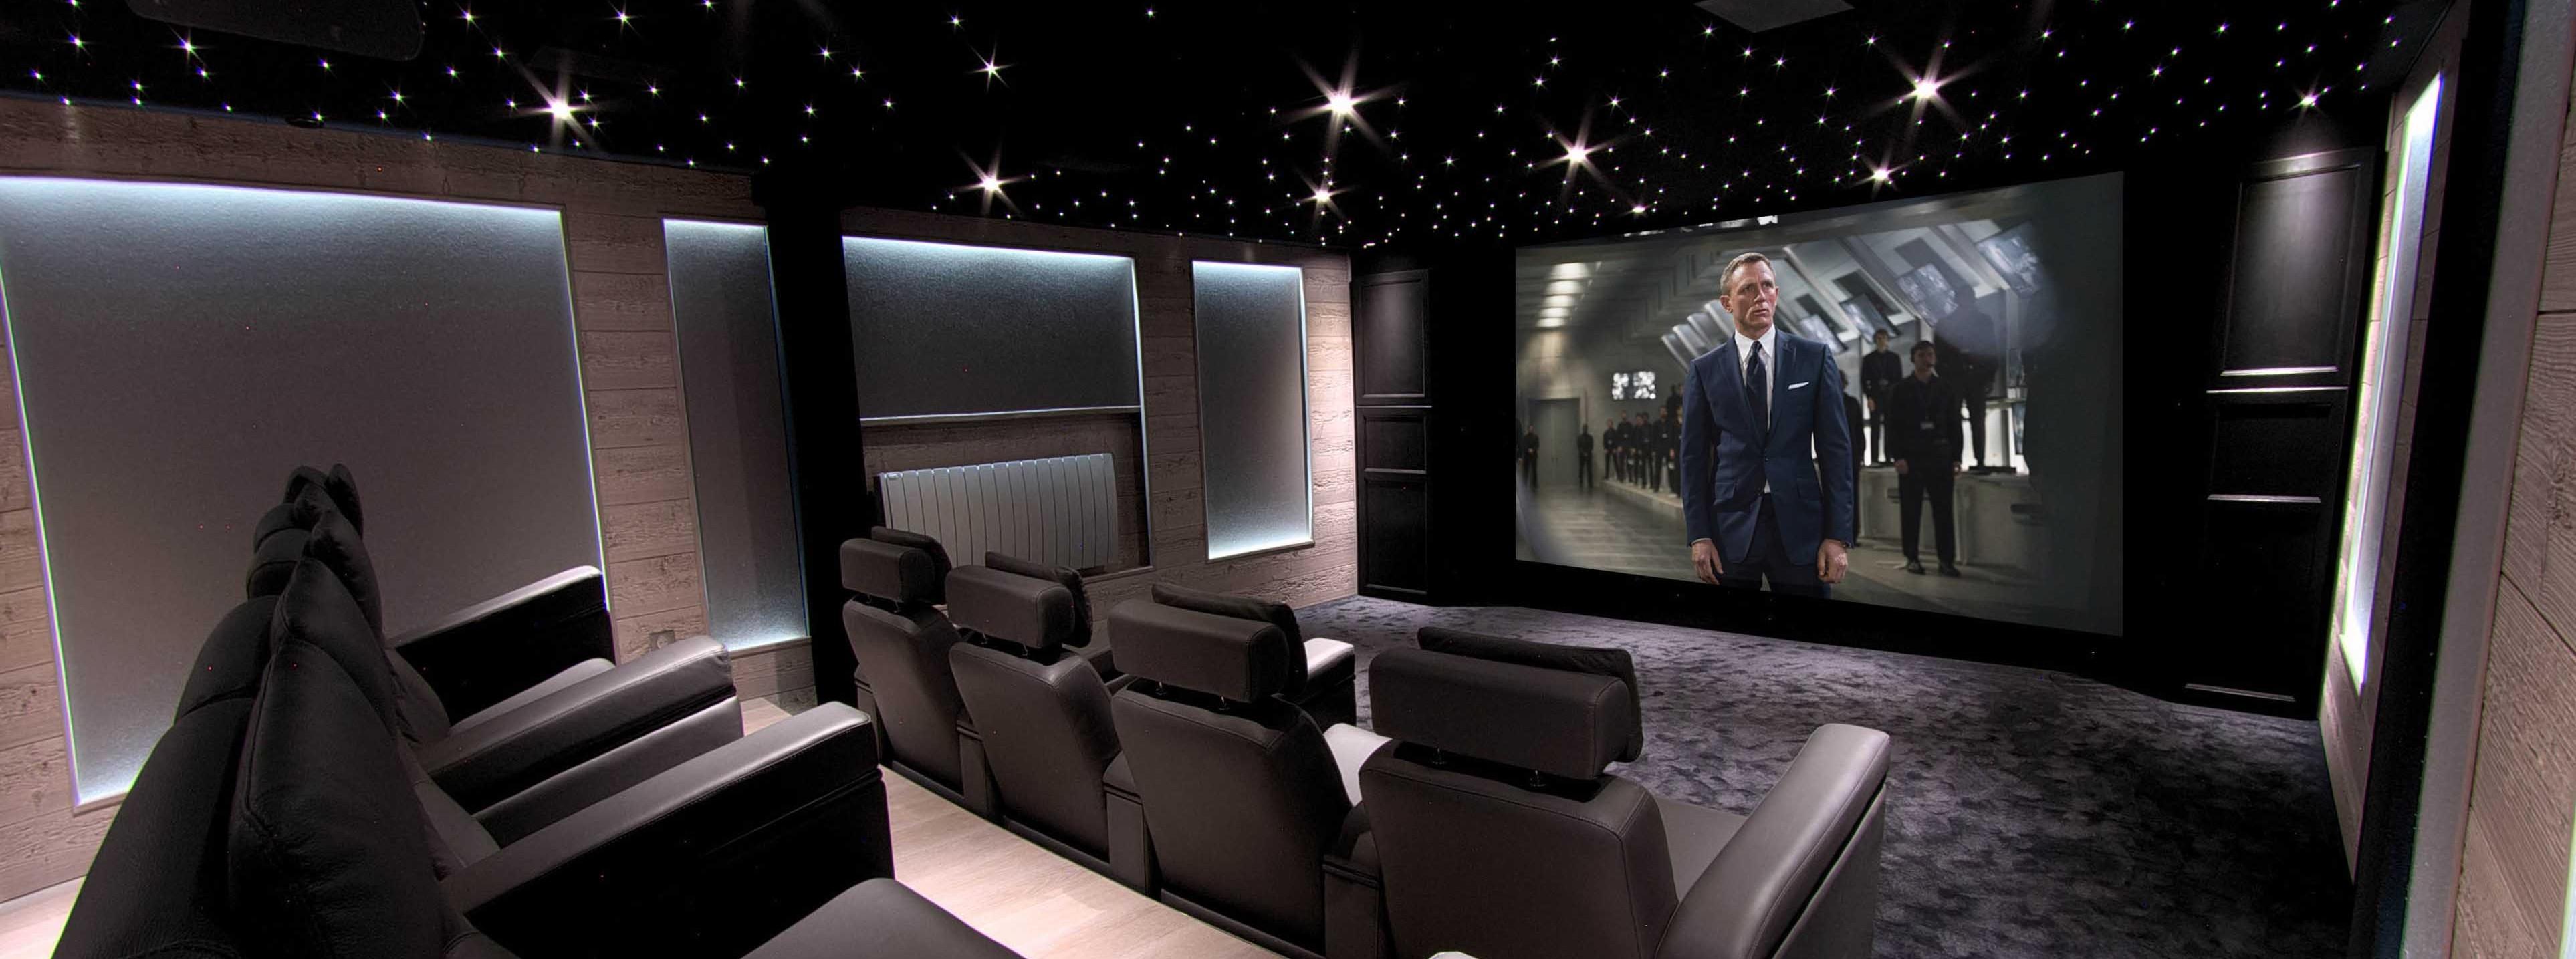 bienvenue sur le blog officiel hocinema tout ce que vous. Black Bedroom Furniture Sets. Home Design Ideas